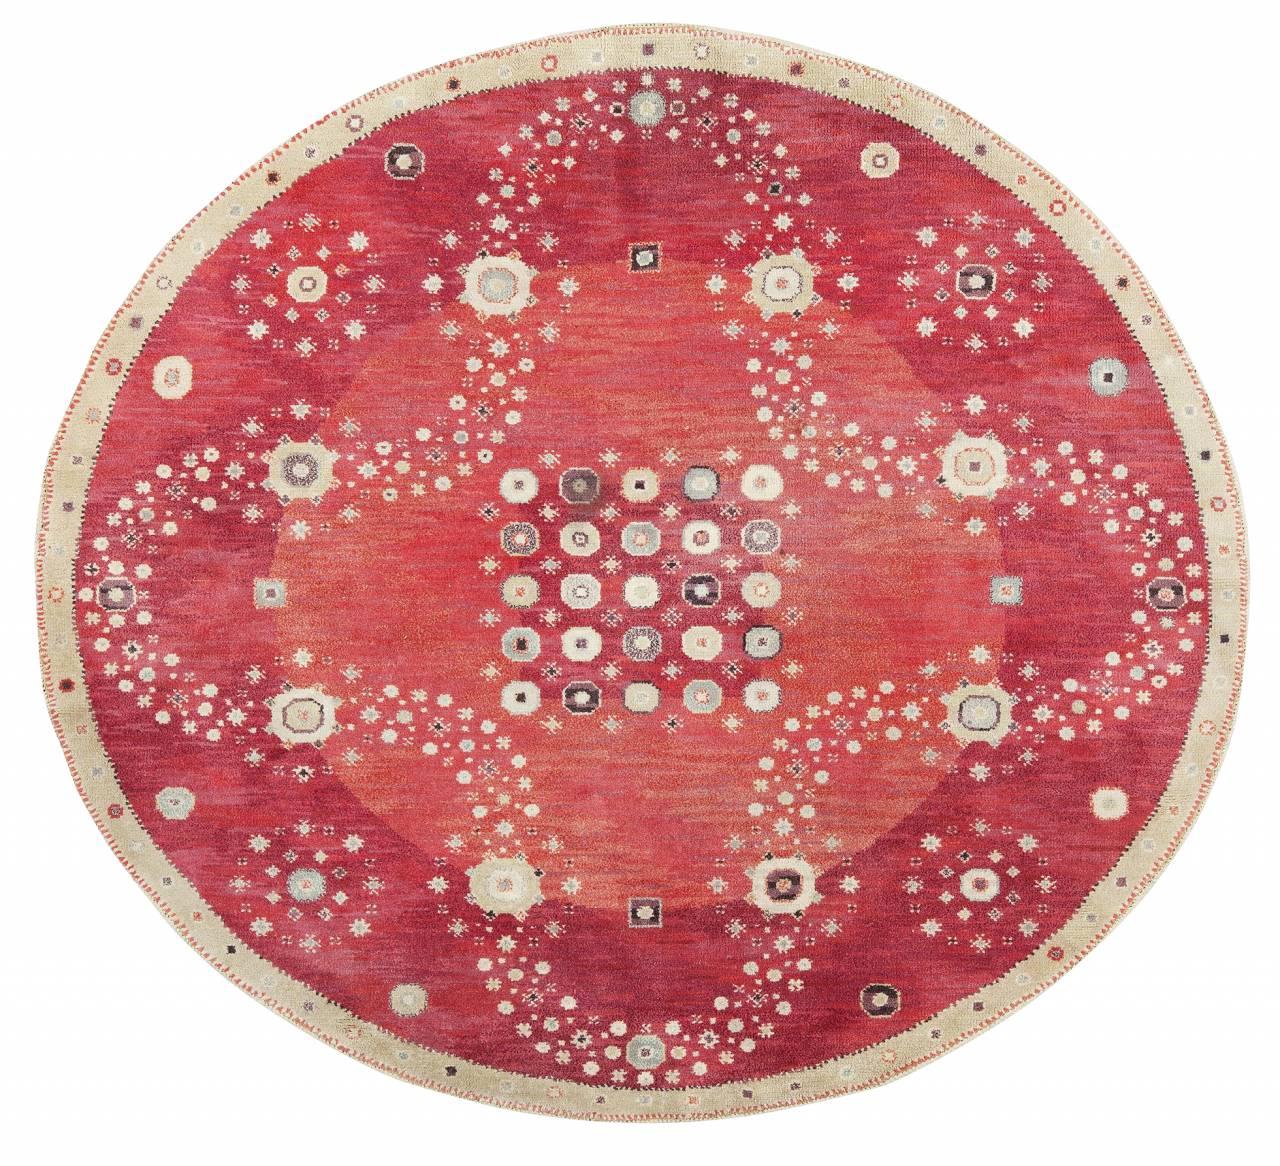 Den ovala flossan Röda rabatten med måtten 246x271 cm komponerades 1944.